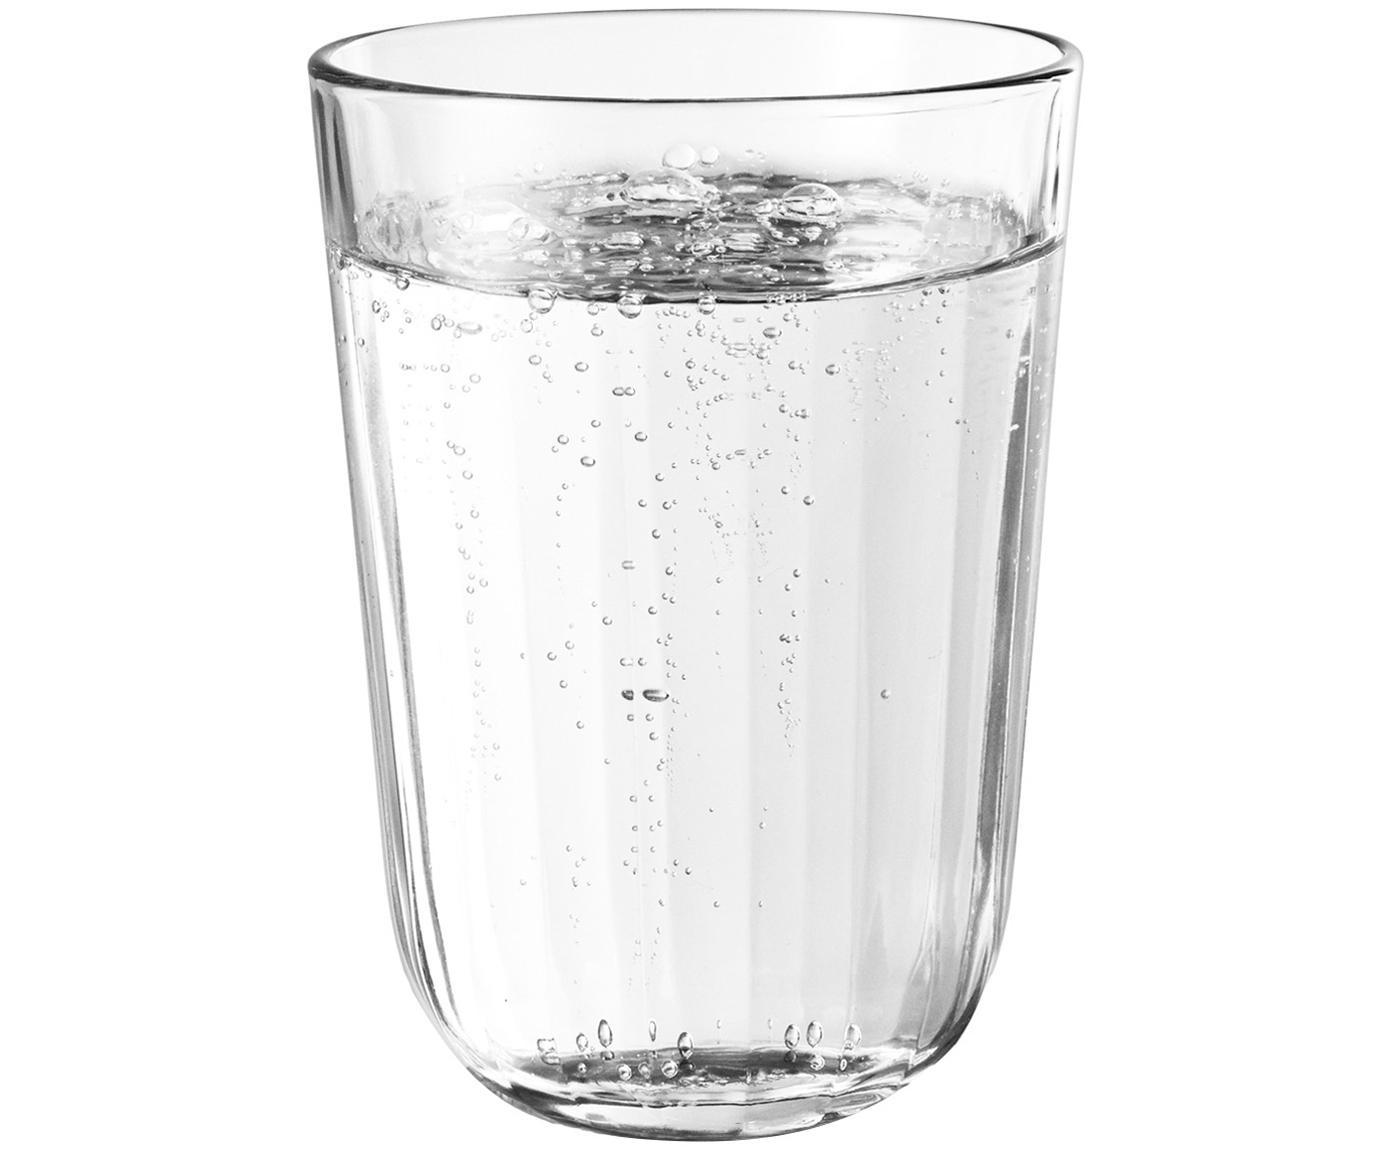 Szklanka termiczna do wody ze szkła hartowanego Facette, 4 szt., Szkło, Transparentny, 340 ml